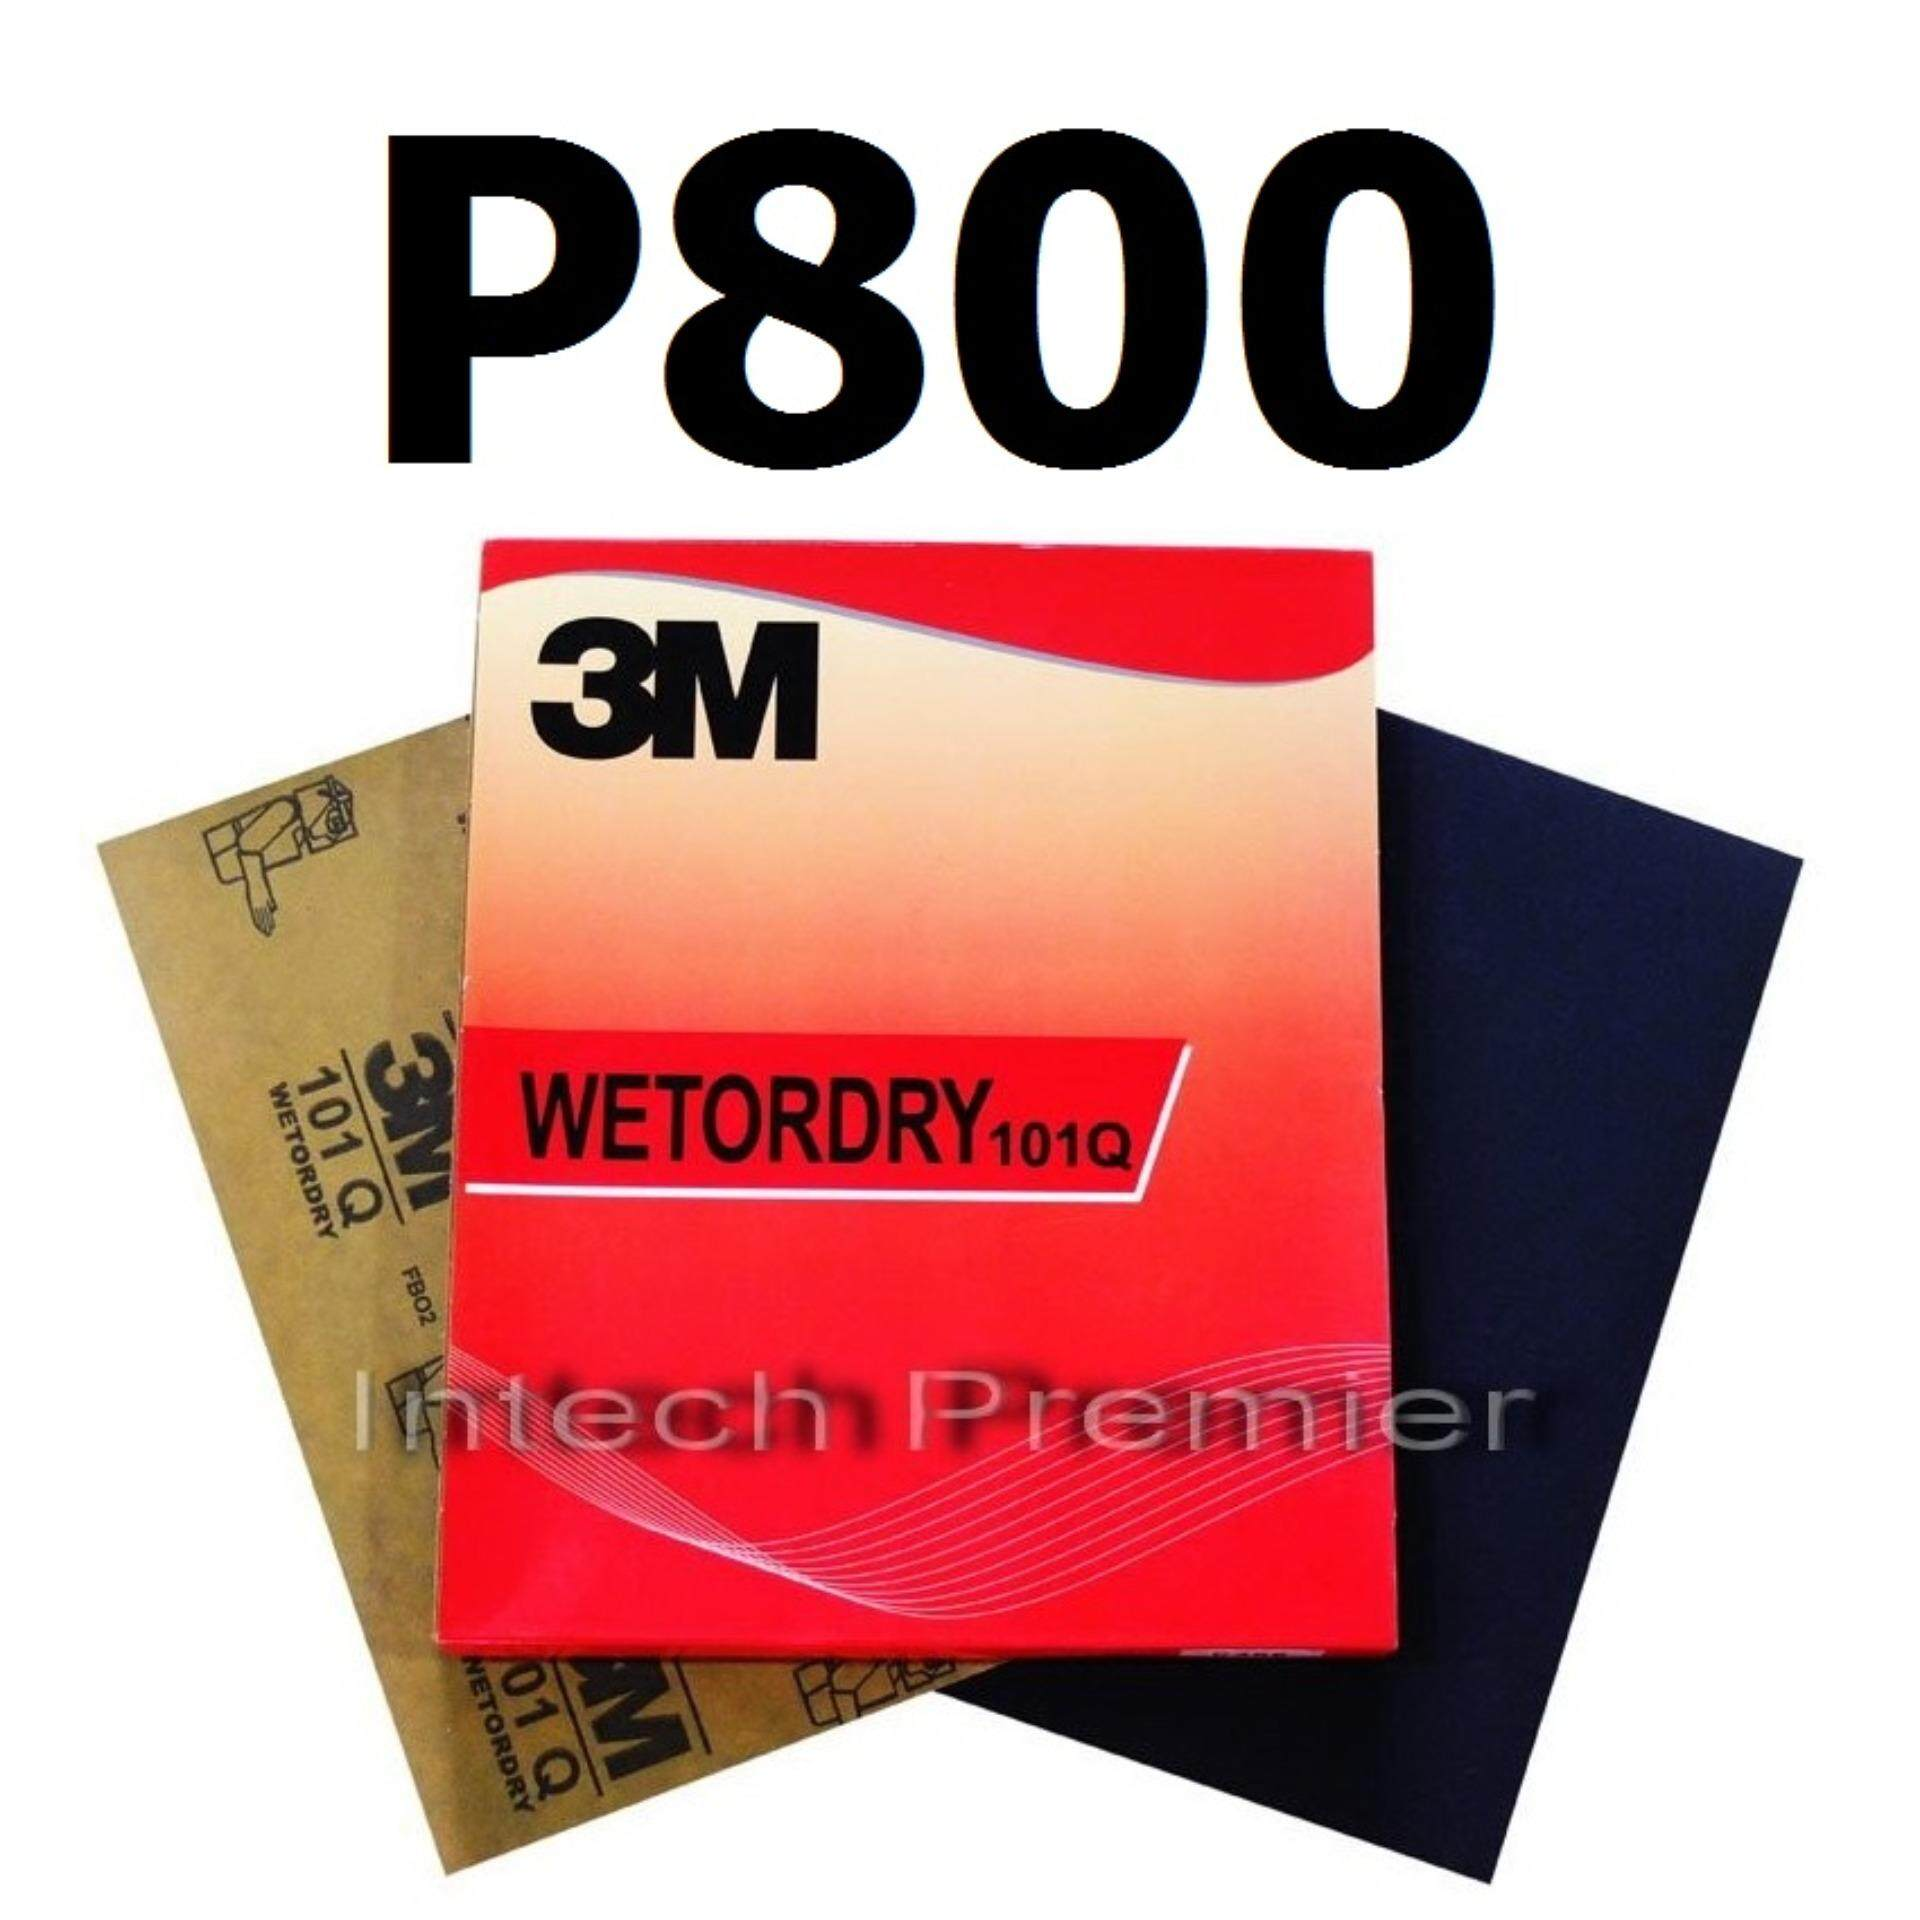 ราคา กระดาษทรายน้ำ 9 X11 เบอร์ 800 100 แผ่น 3M 101Q 3M Wetordry Sandpaper ที่สุด